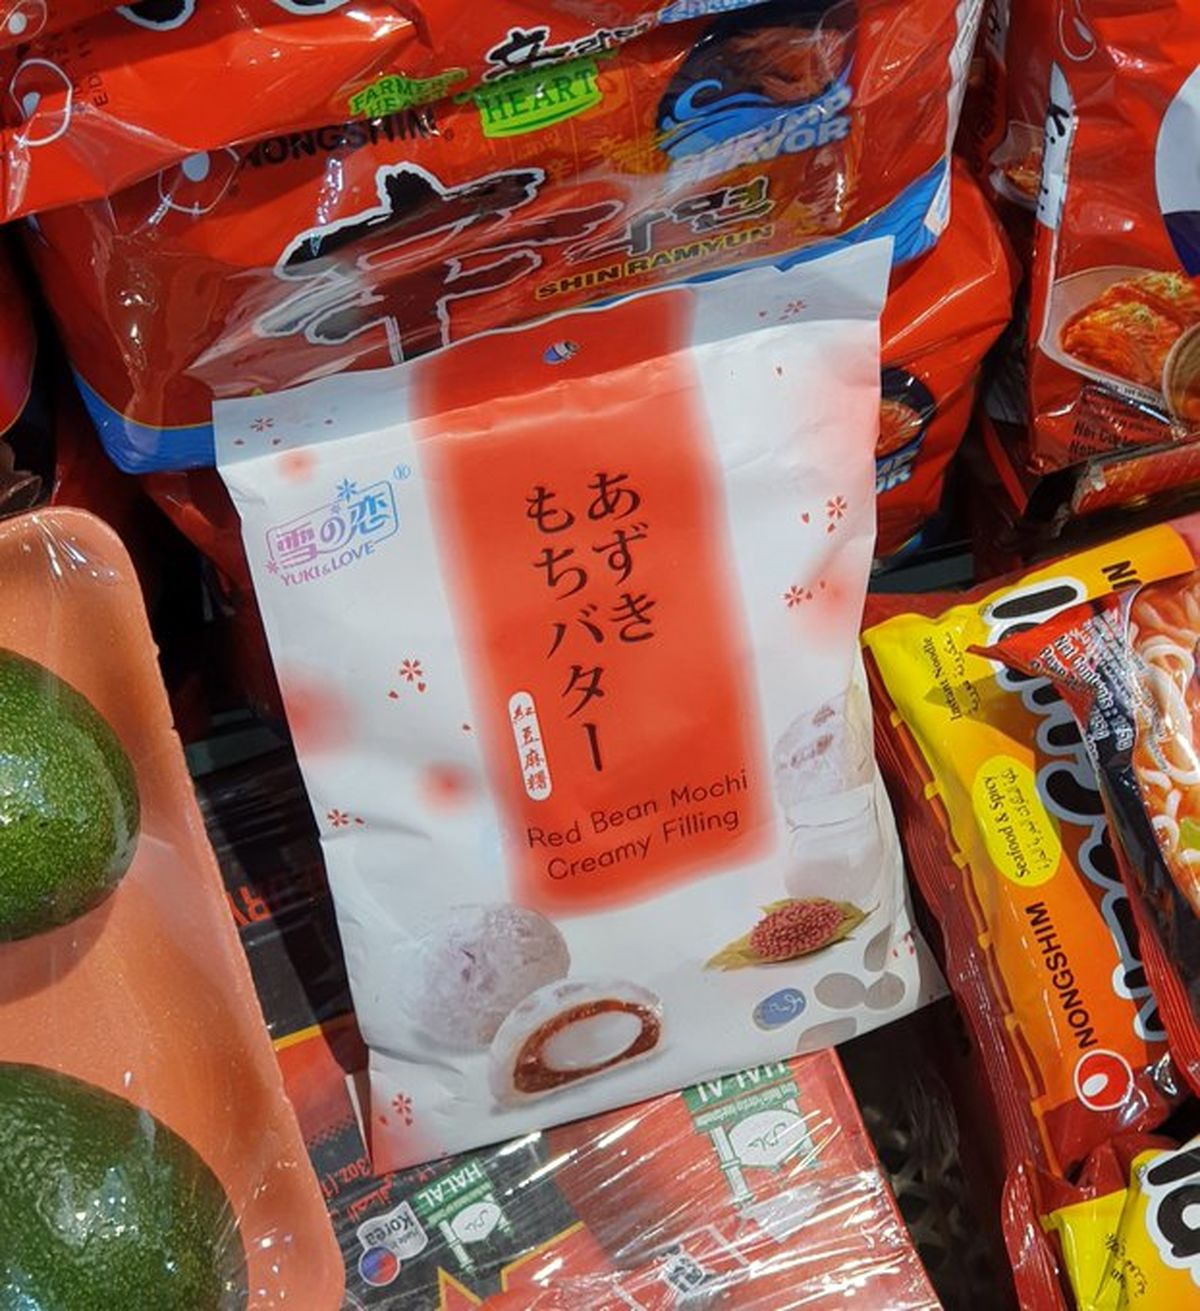 شیرینی مرگبار ژاپنی در بازار بهجت آباد! +عکس